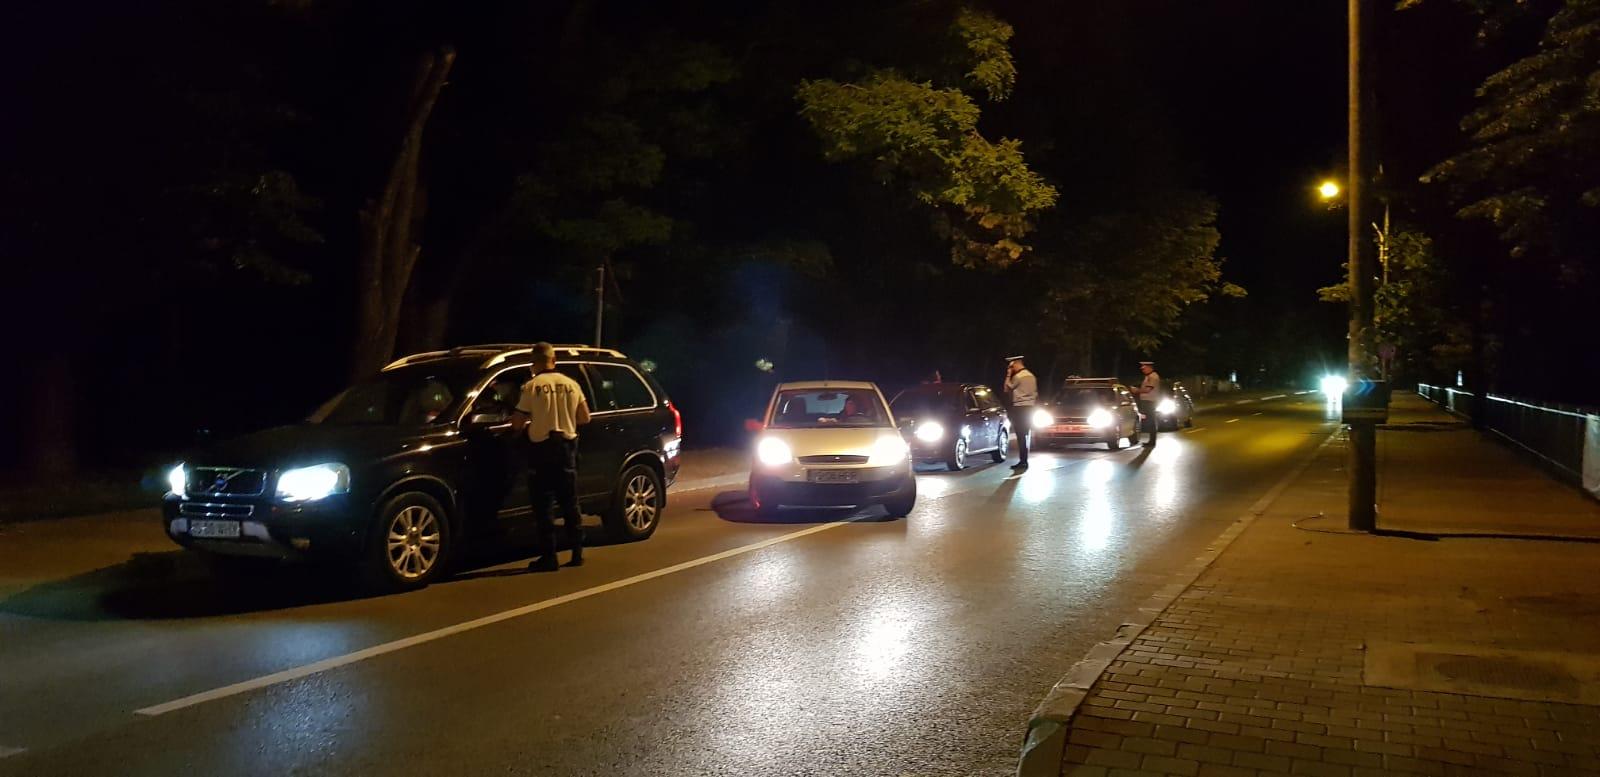 """Razie în Roşiorii de Vede! Un bărbat de 30 de ani, prins DROGAT la volan. Şoferul consumase """"cocaină"""""""